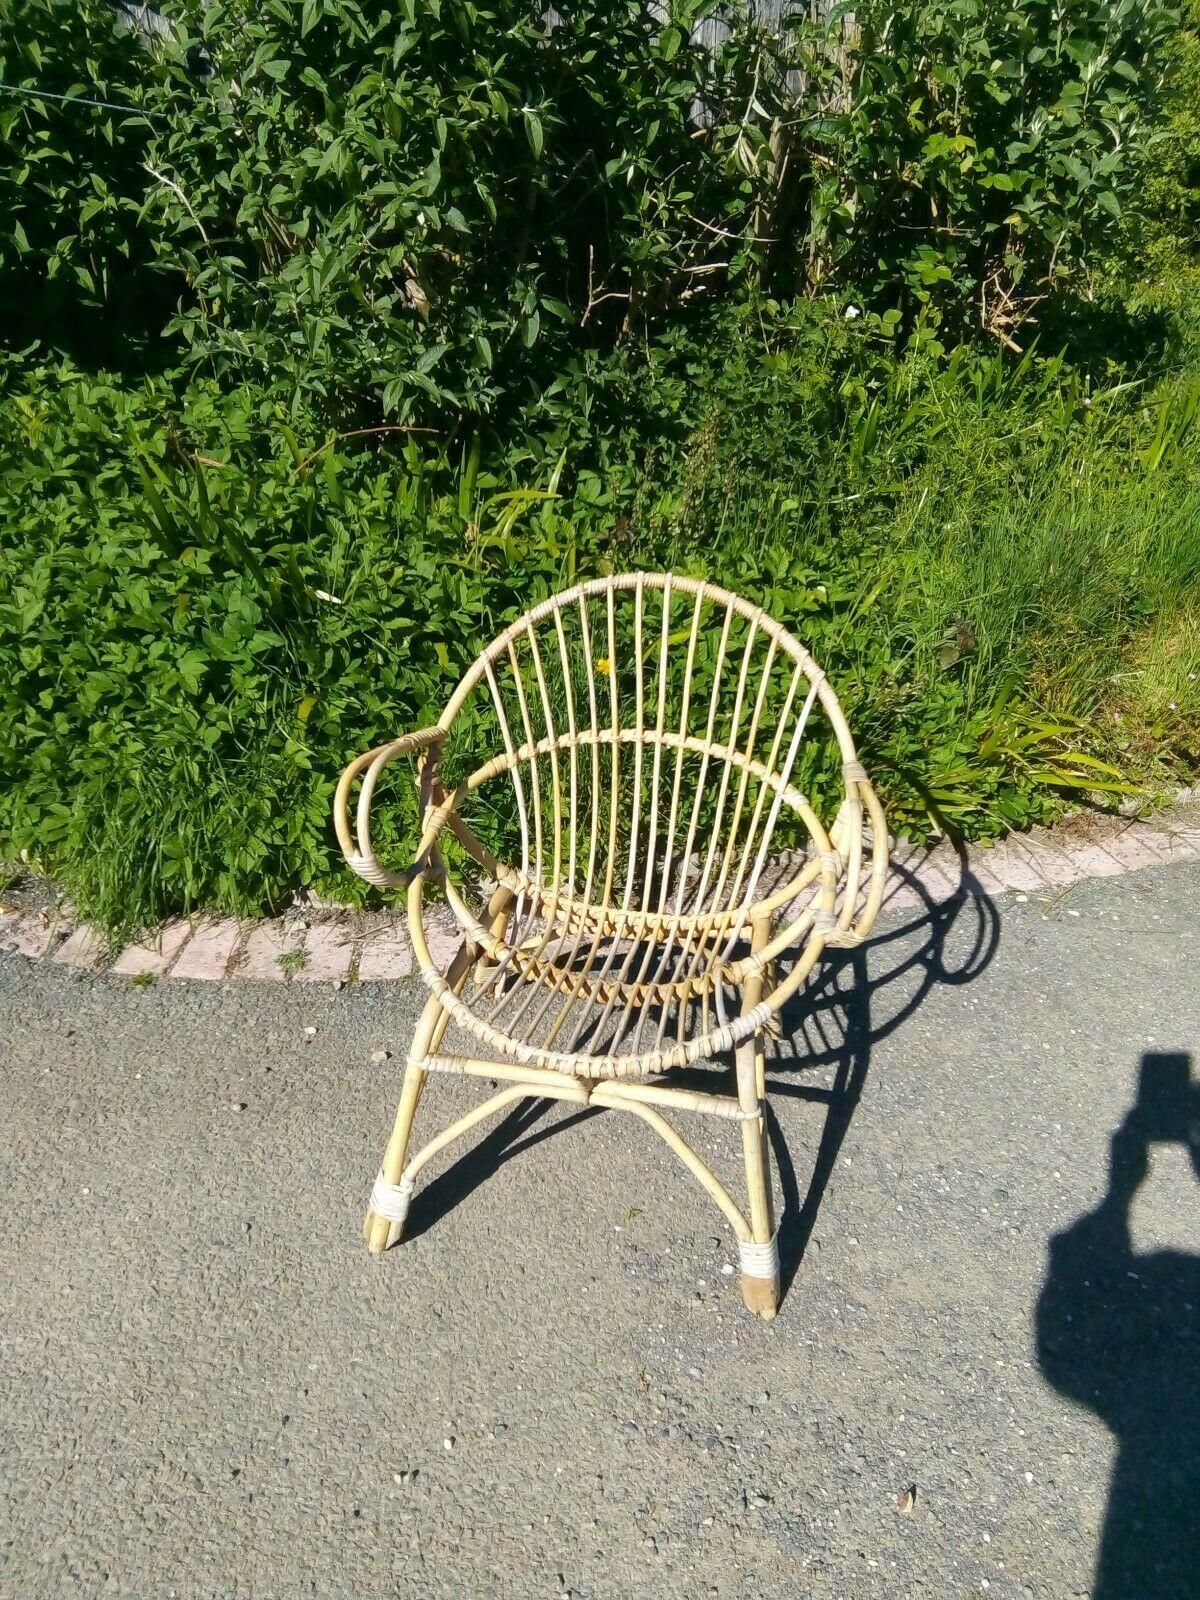 Cane chair.jpg